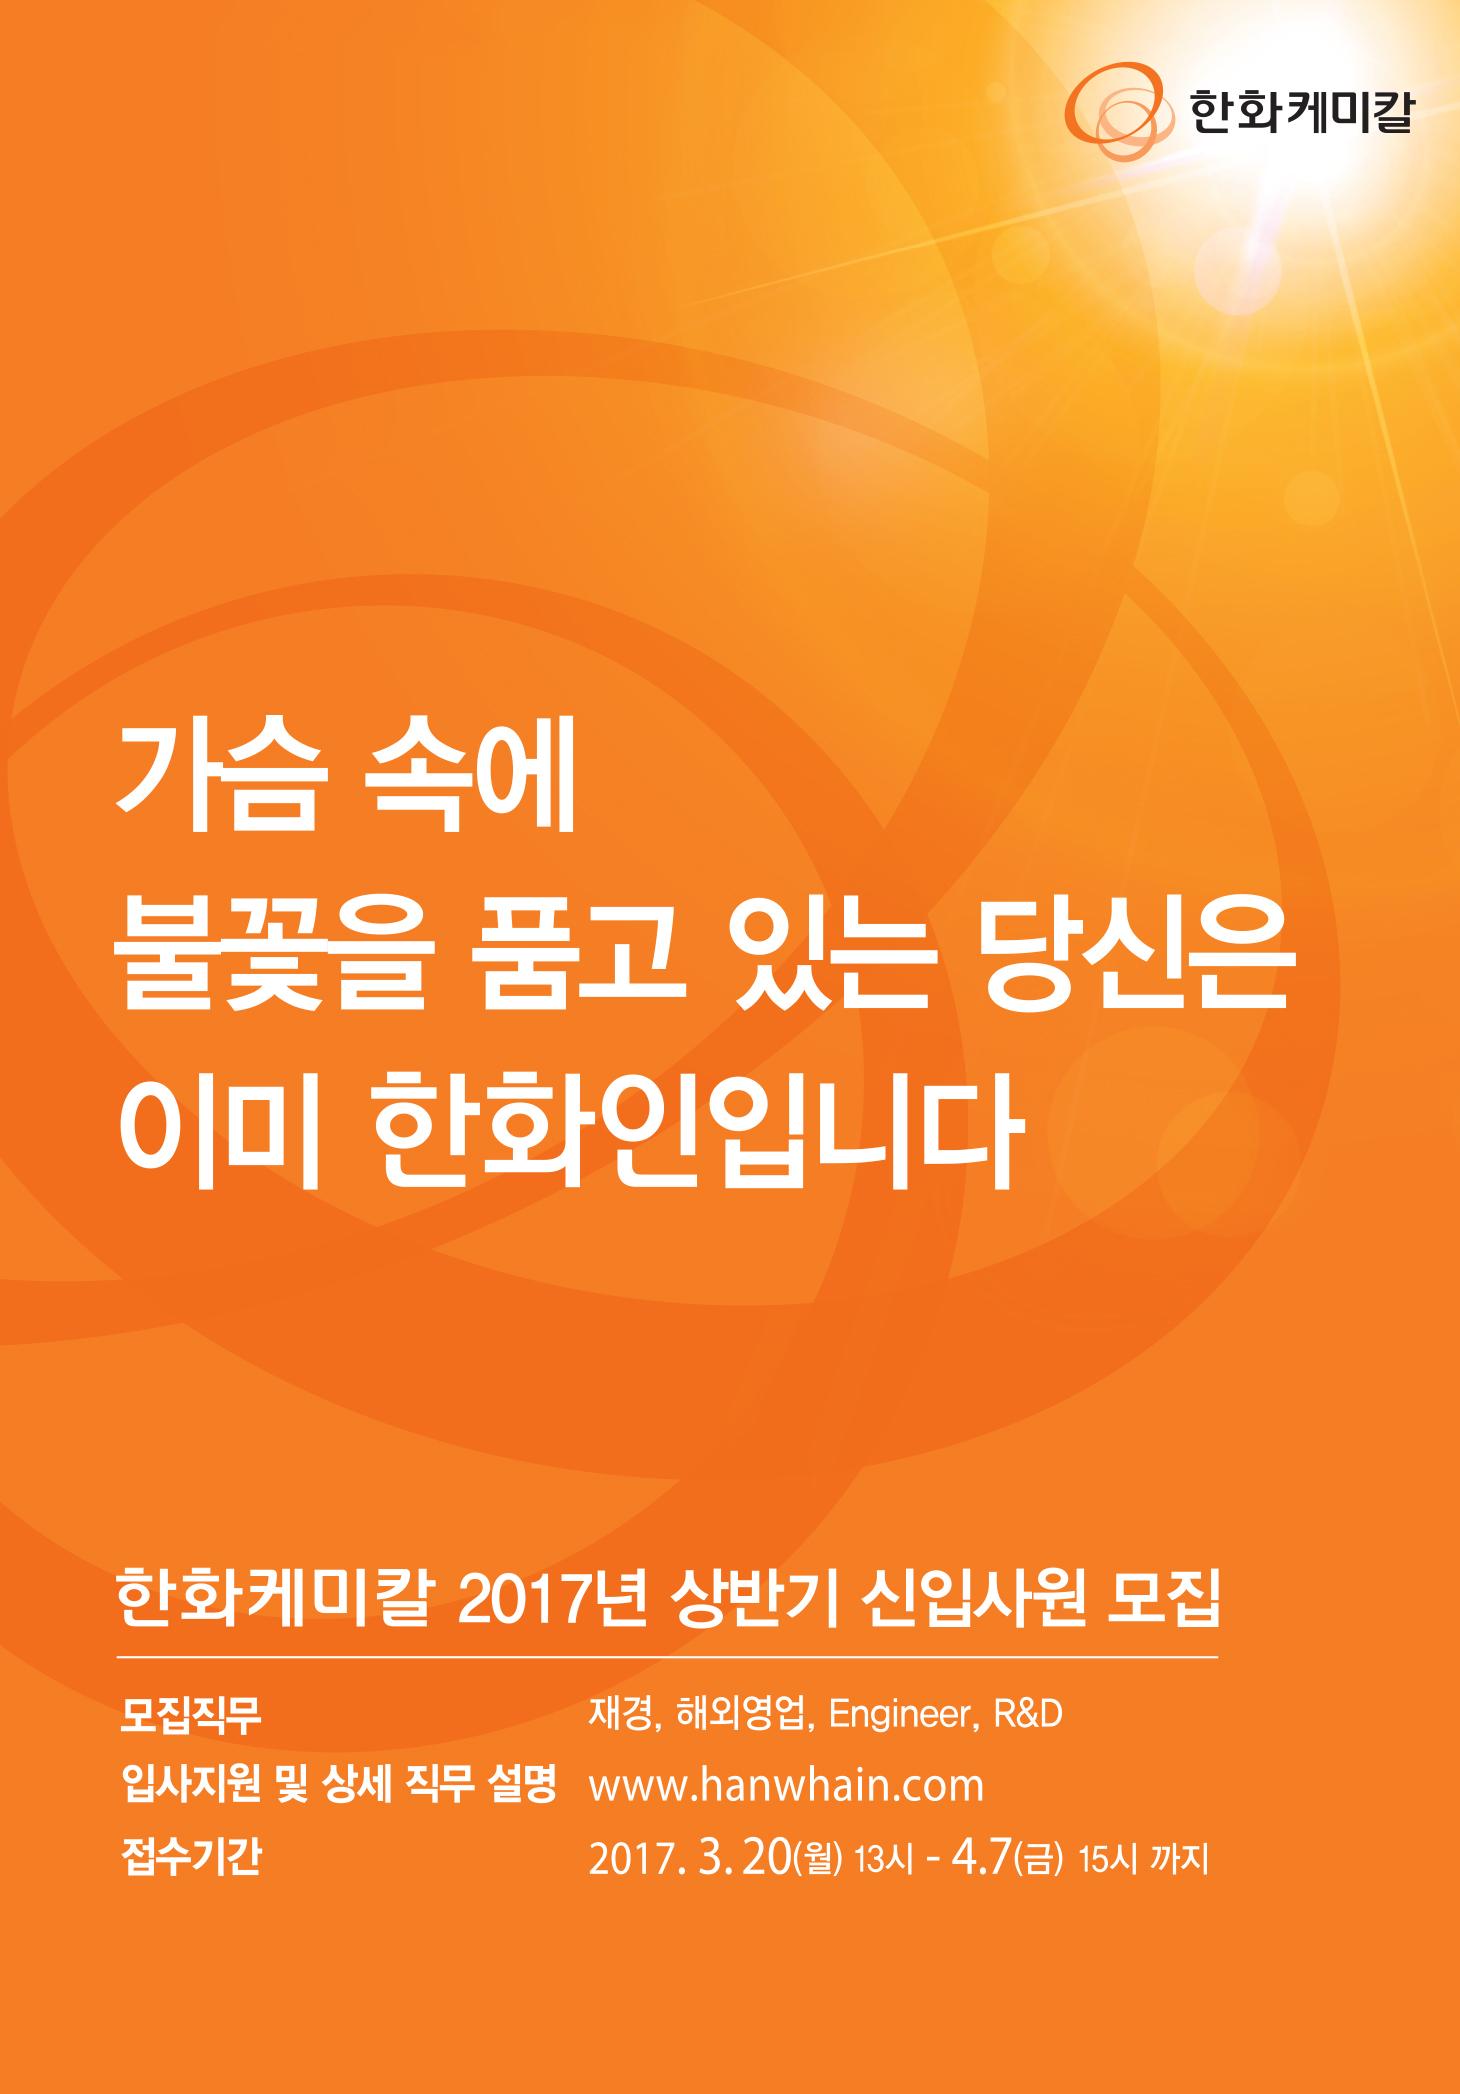 [한화케미칼]2017 상반기 신입사원 모집요강.jpg